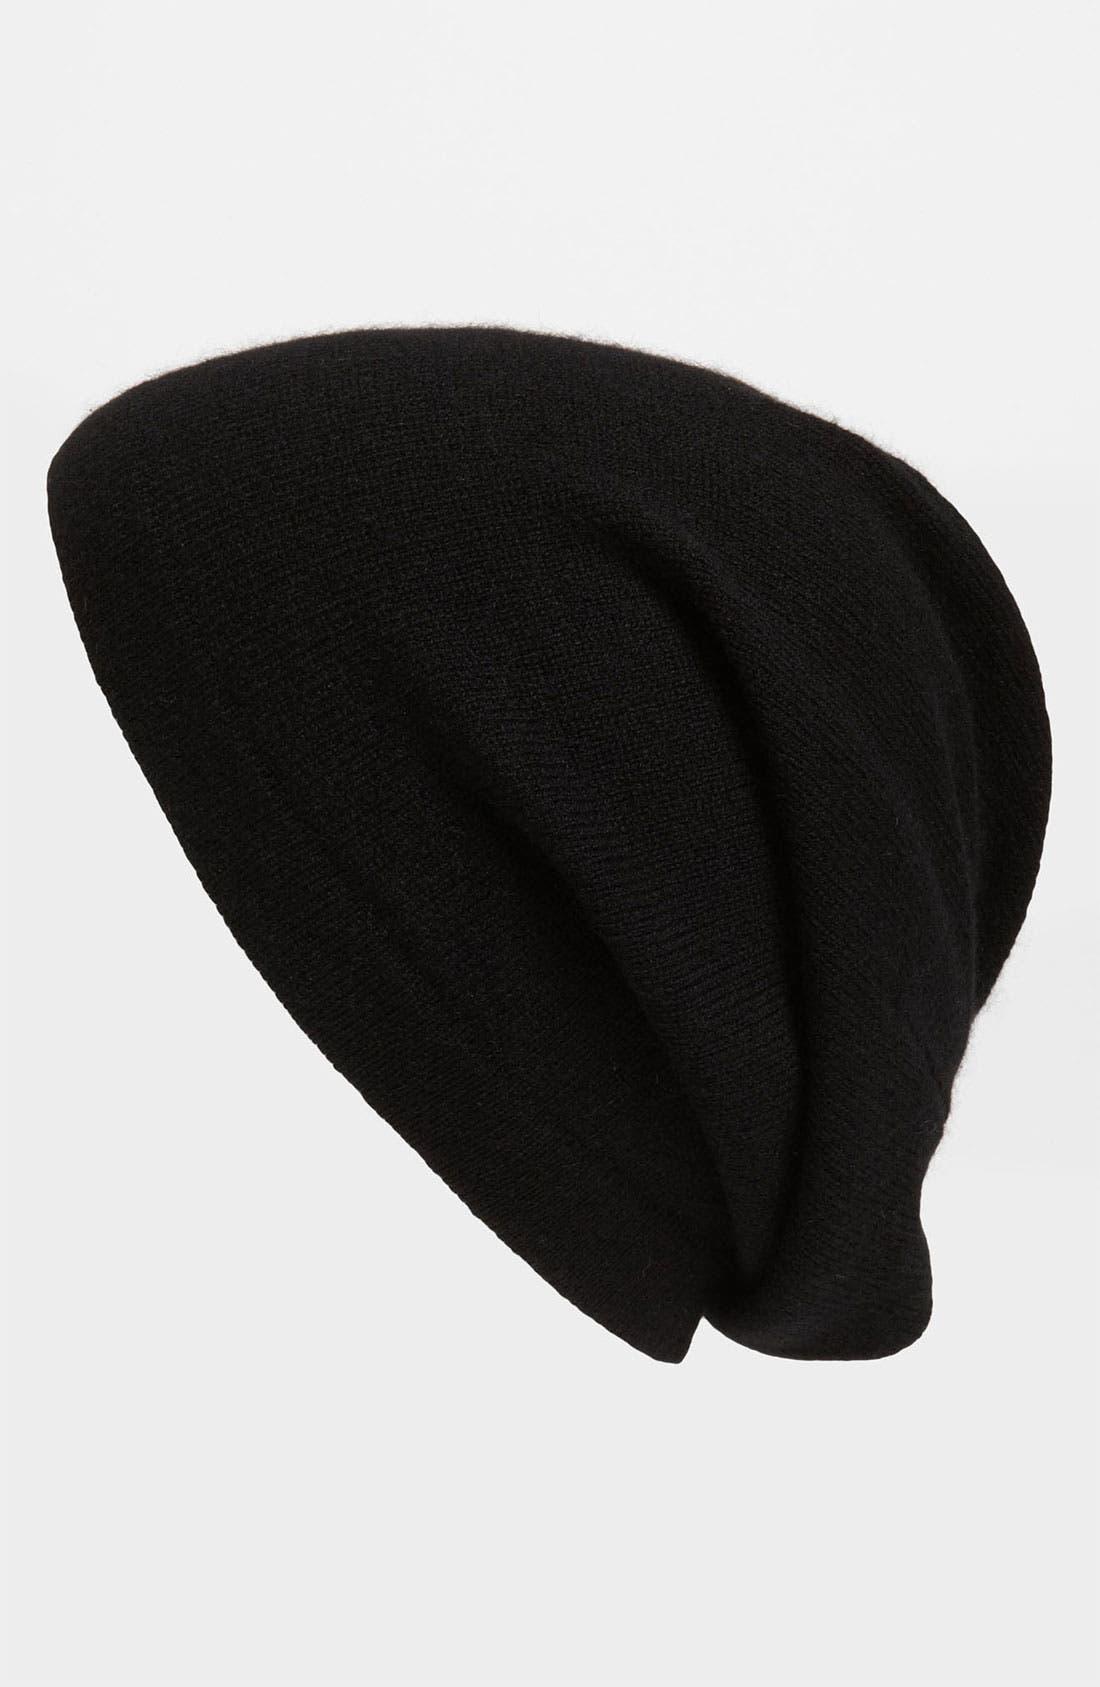 Main Image - The Rail Cashmere Knit Cap